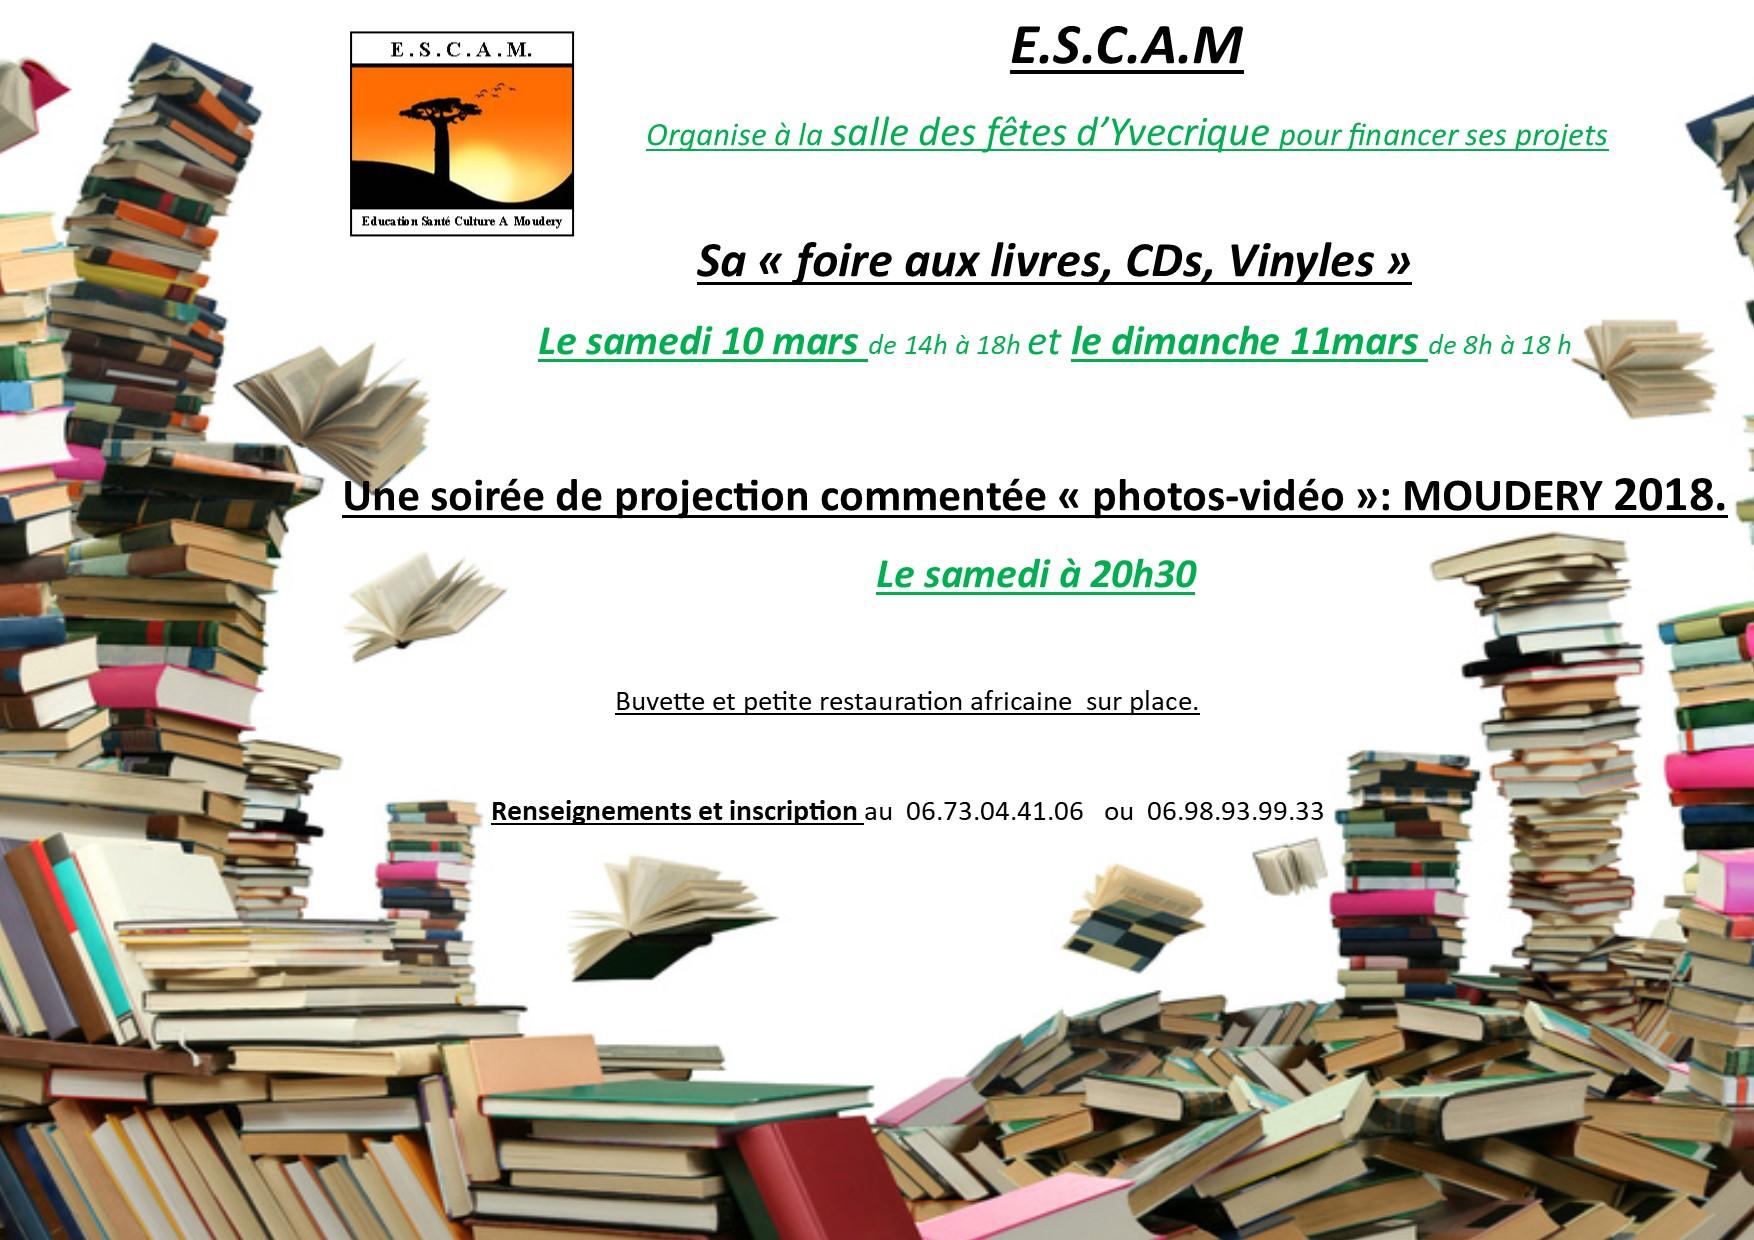 E.S.C.A.M – Foire aux livres, CDS